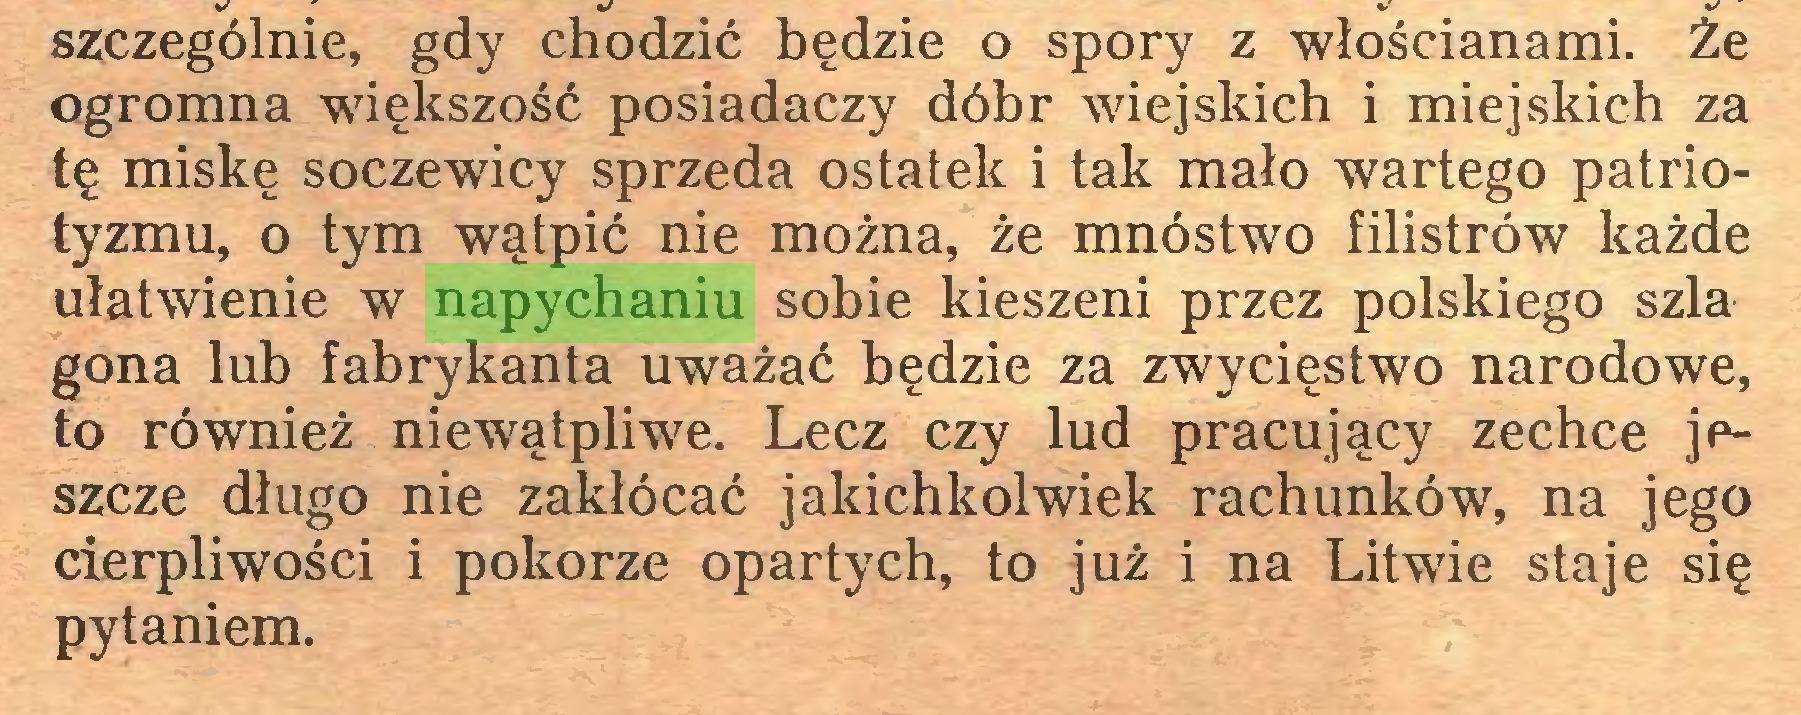 (...) szczególnie, gdy chodzić będzie o spory z włościanami. Że ogromna większość posiadaczy dóbr wiejskich i miejskich za tę miskę soczewicy sprzeda ostatek i tak mało wartego patriotyzmu, o tym wątpić nie można, że mnóstwo filistrów każde ułatwienie w napychaniu sobie kieszeni przez polskiego szła gona lub fabrykanta uważać będzie za zwycięstwo narodowe, to również niewątpliwe. Lecz czy lud pracujący zechce jeszcze długo nie zakłócać jakichkolwiek rachunków, na jego cierpliwości i pokorze opartych, to już i na Litwie staje się pytaniem...